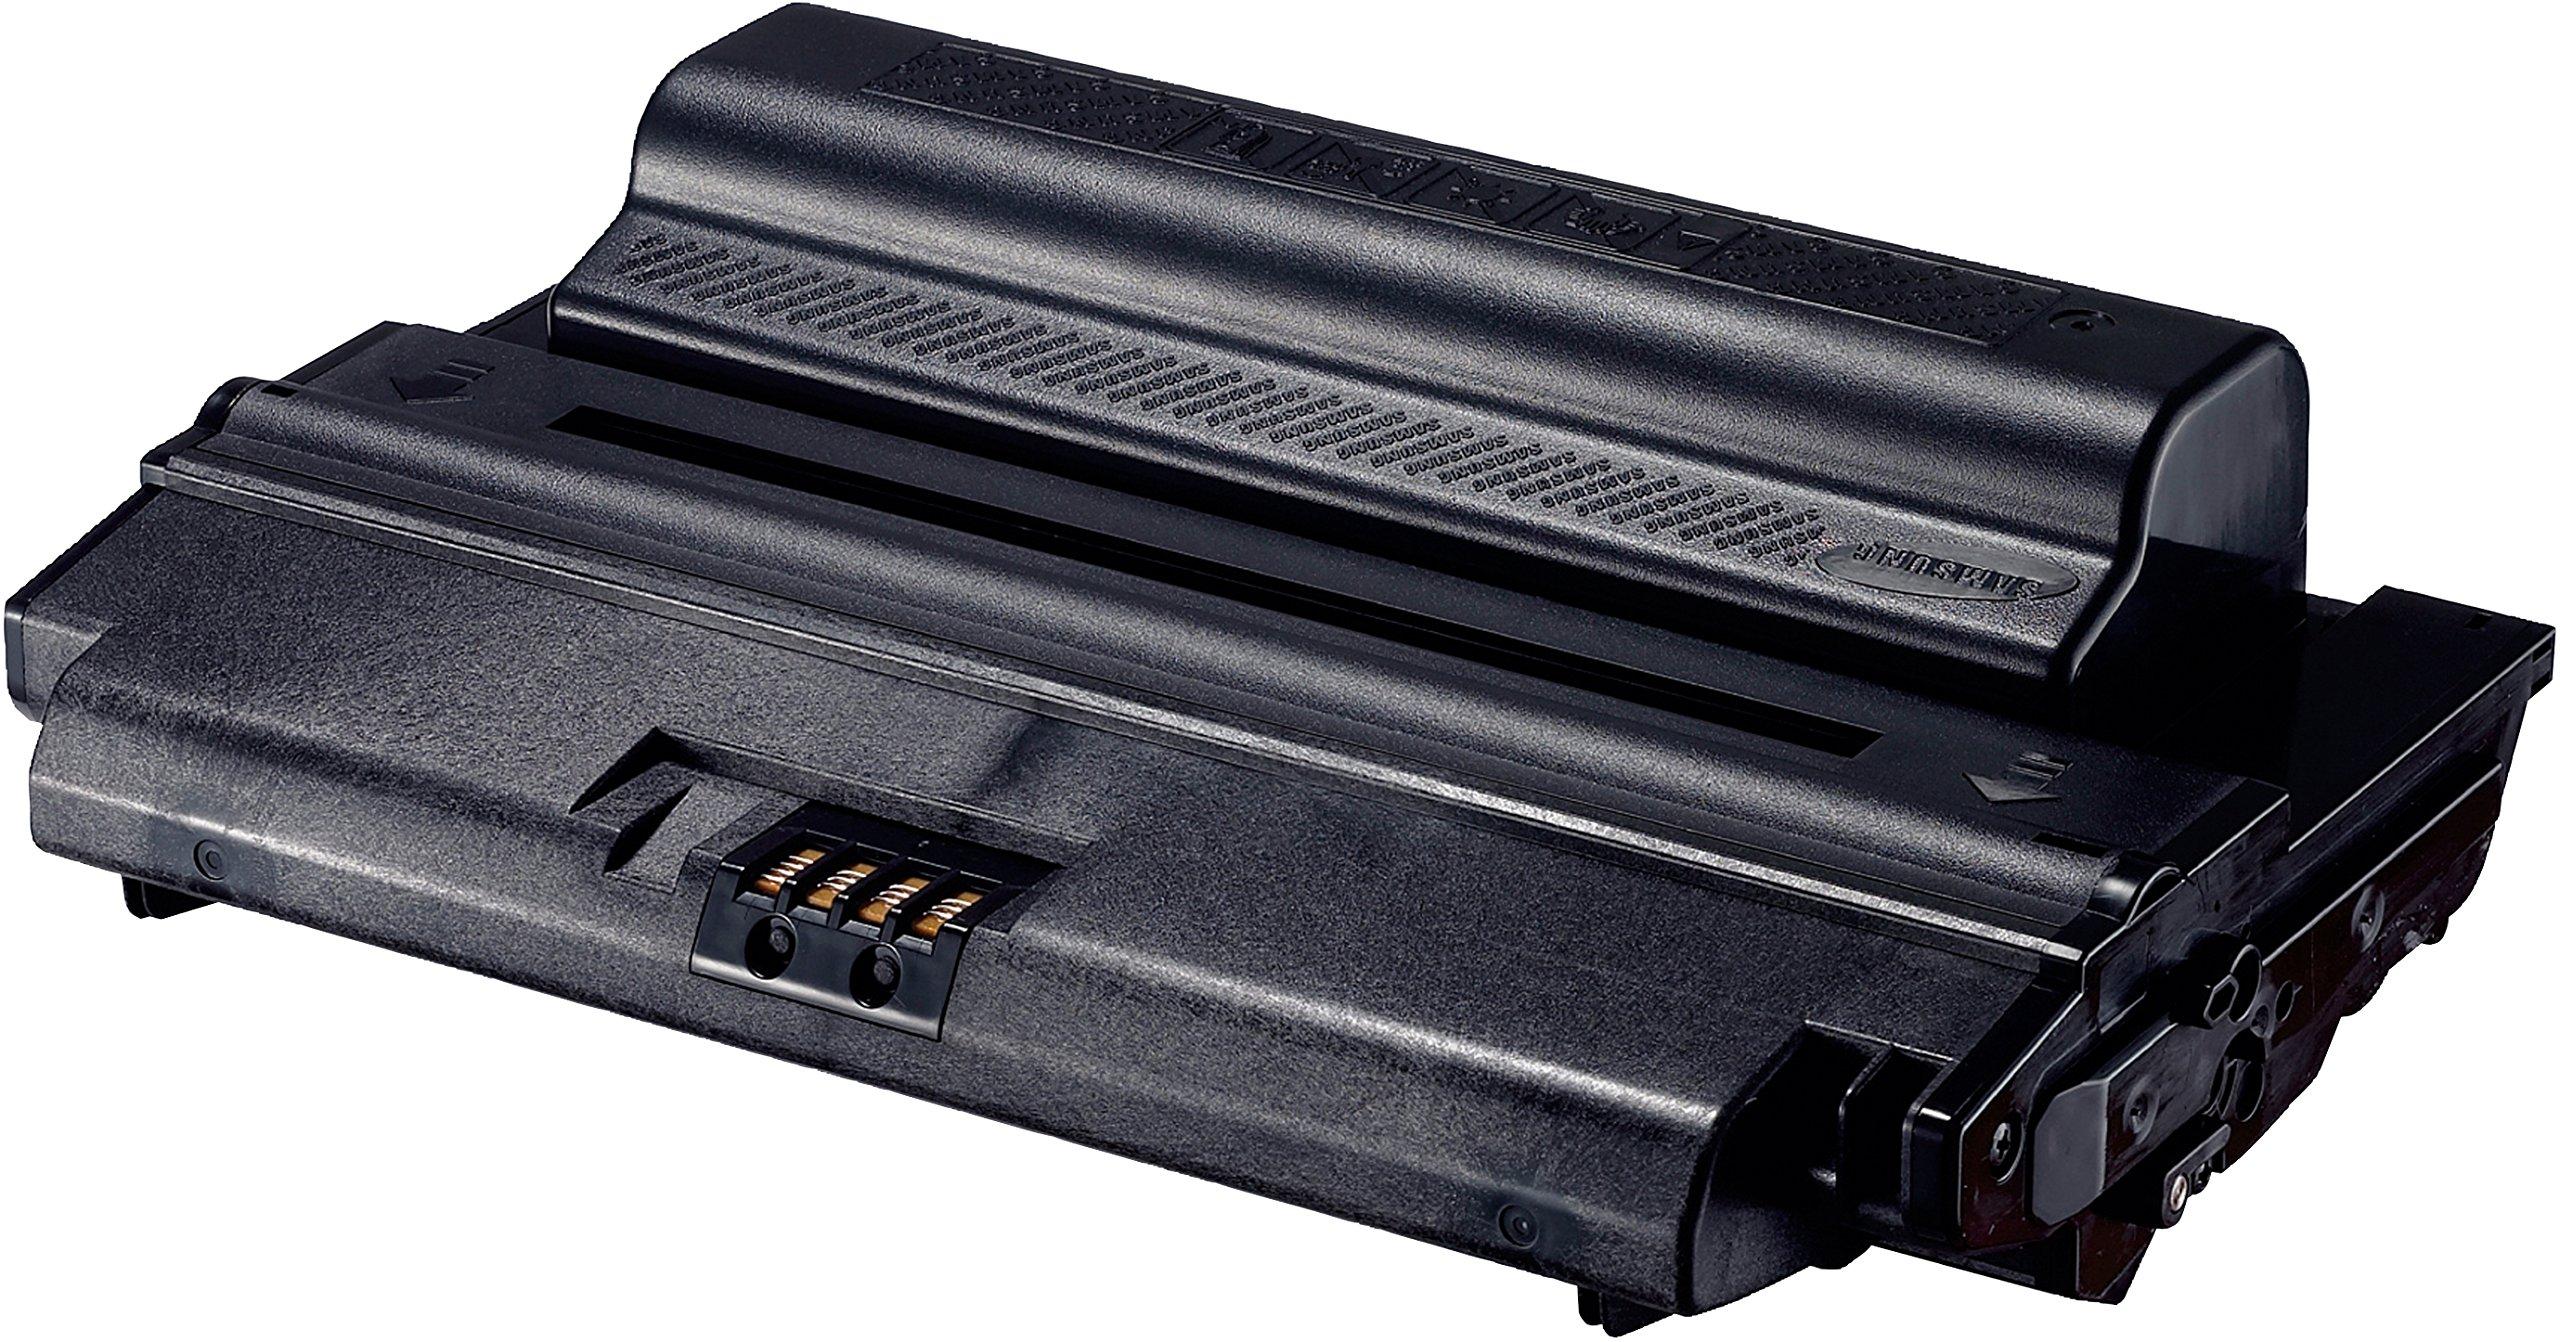 Samsung-ML-D3470BEUR-Original-Toner-Hohe-Reichweite-Kompatibel-mit-ML-3470DML-3471ND-schwarz